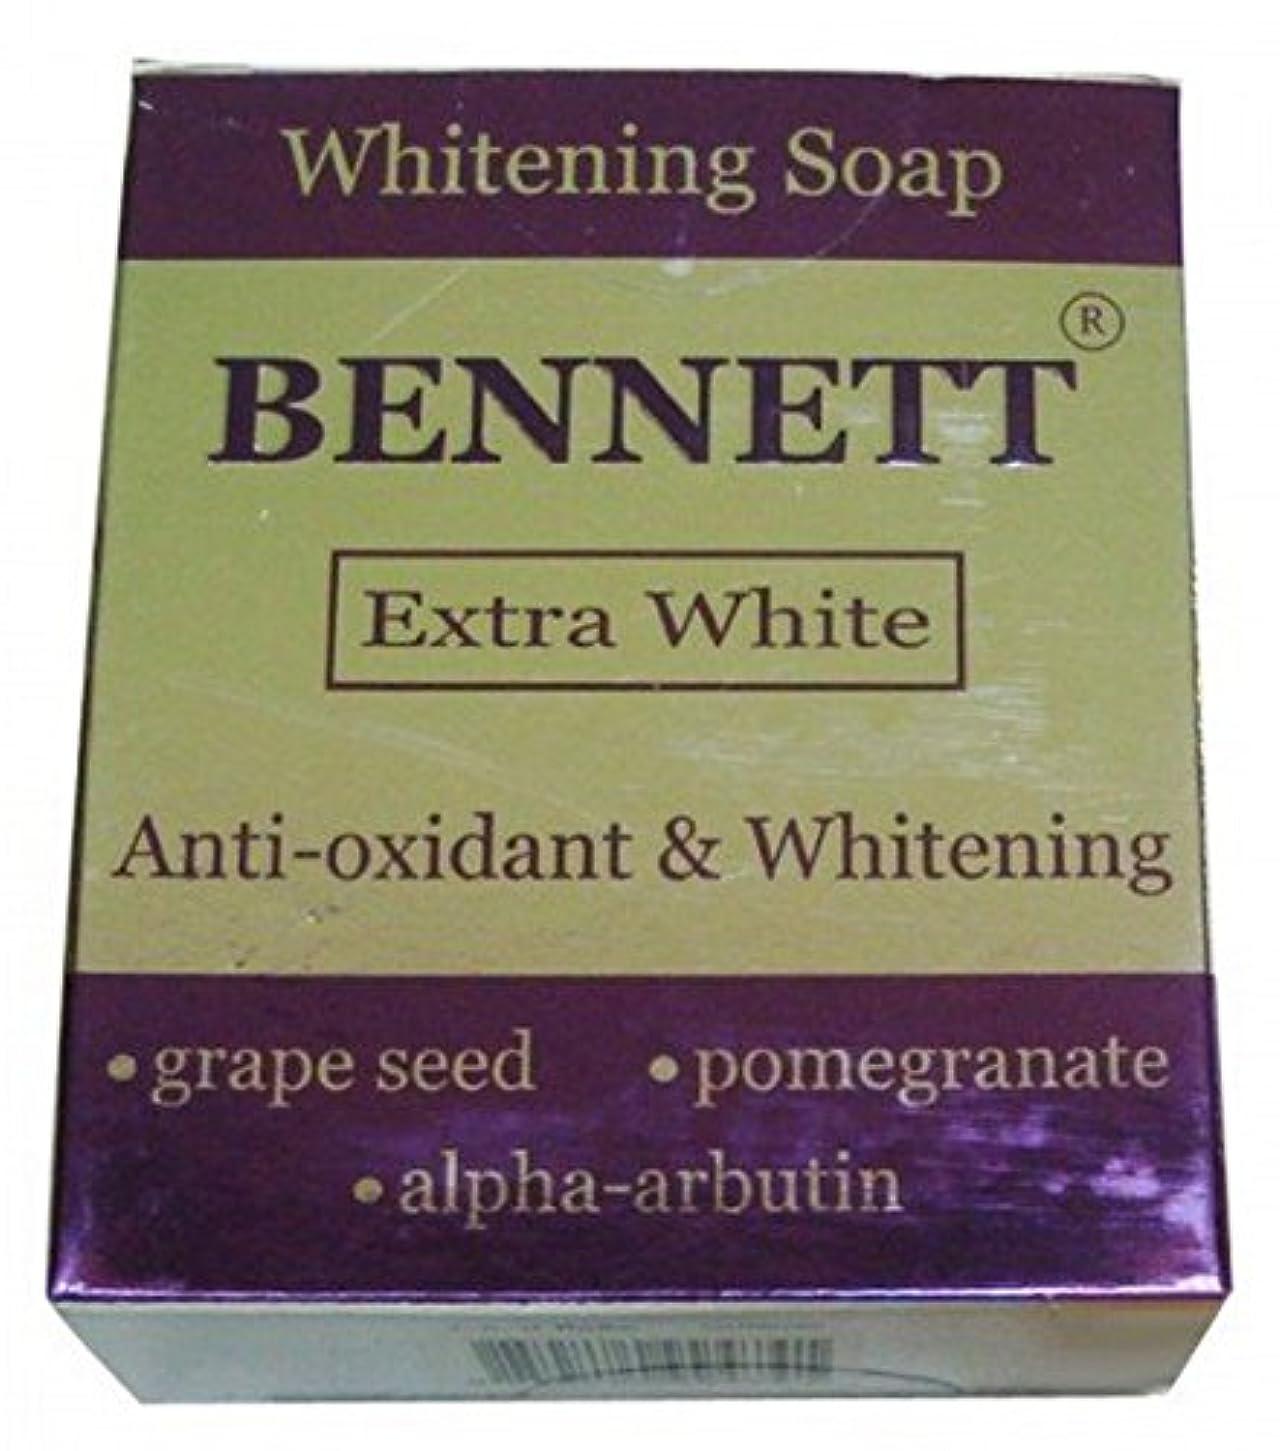 ログ伝統的強化新しいBennett Extraホワイトanti-oxidantアルファアルブチンExtreme Whitening Soap 130 g / 4.6oz